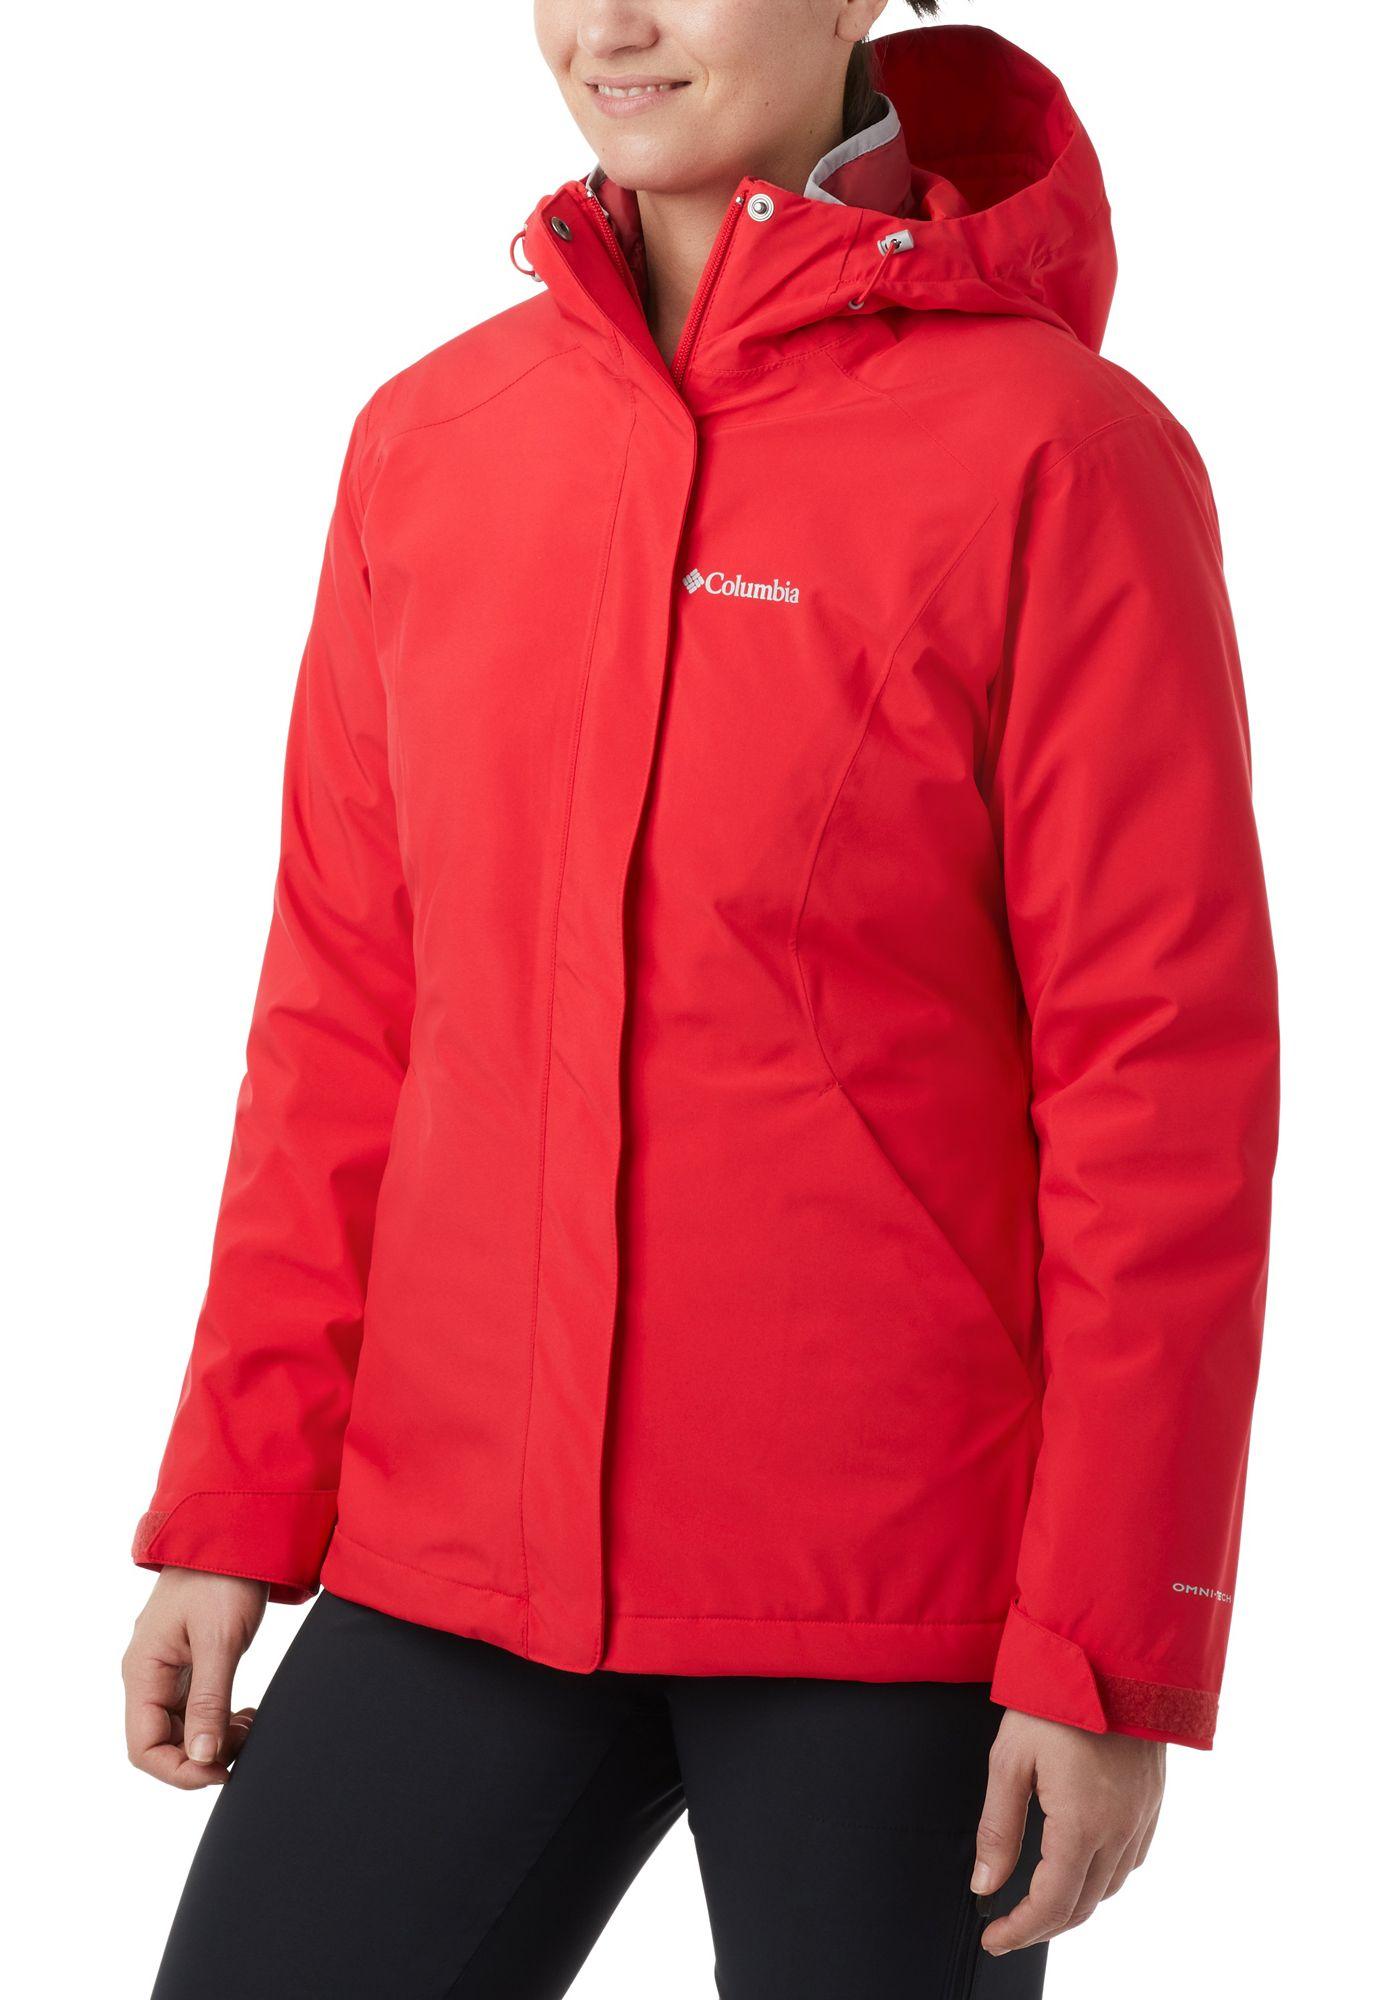 Columbia Women's Tolt Track Interchange Jacket